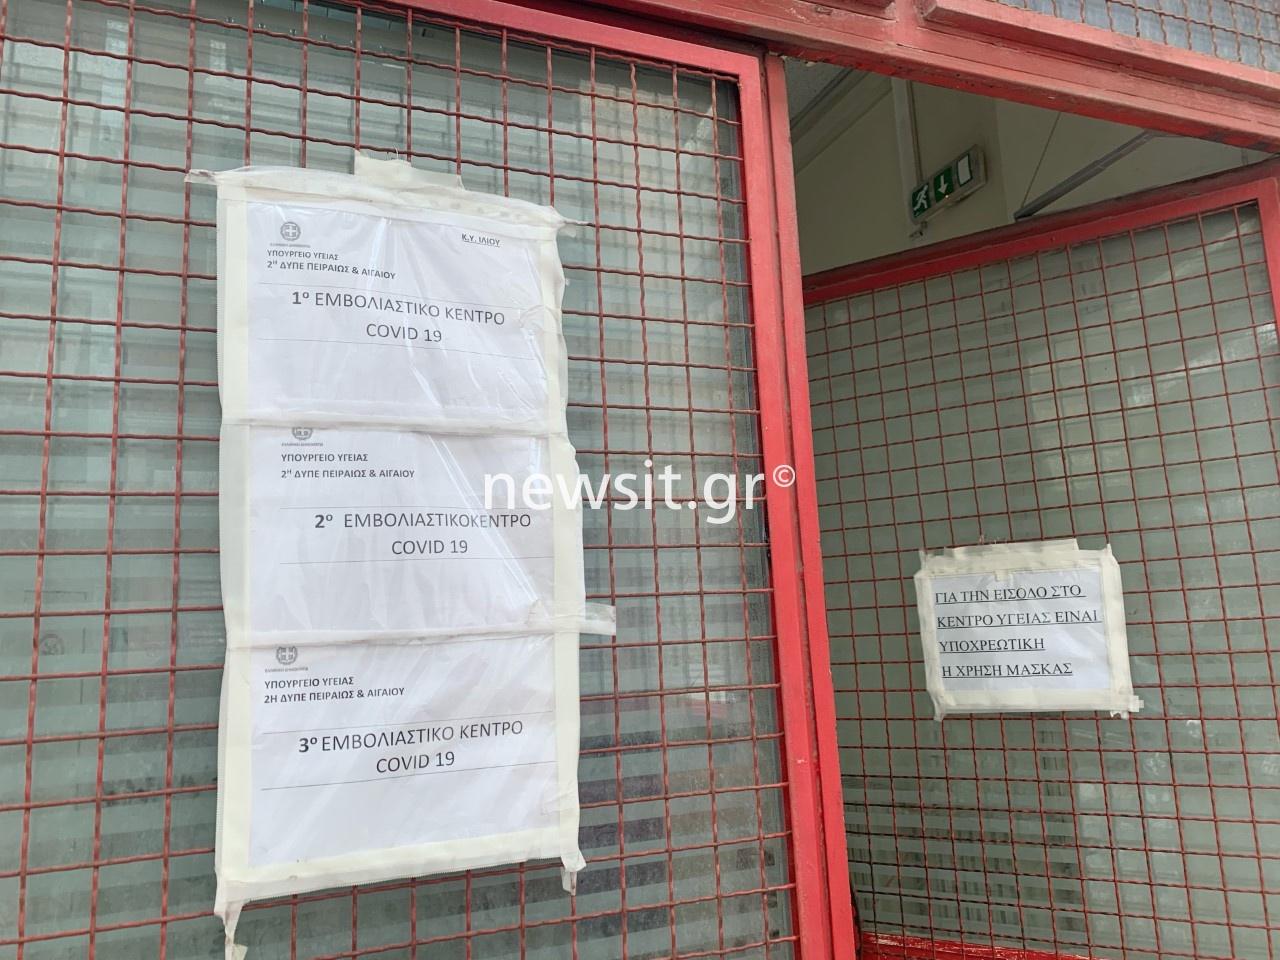 Διπλάσιες οι ακυρώσεις σήμερα στα ραντεβού εμβολιασμού στο Ίλιον